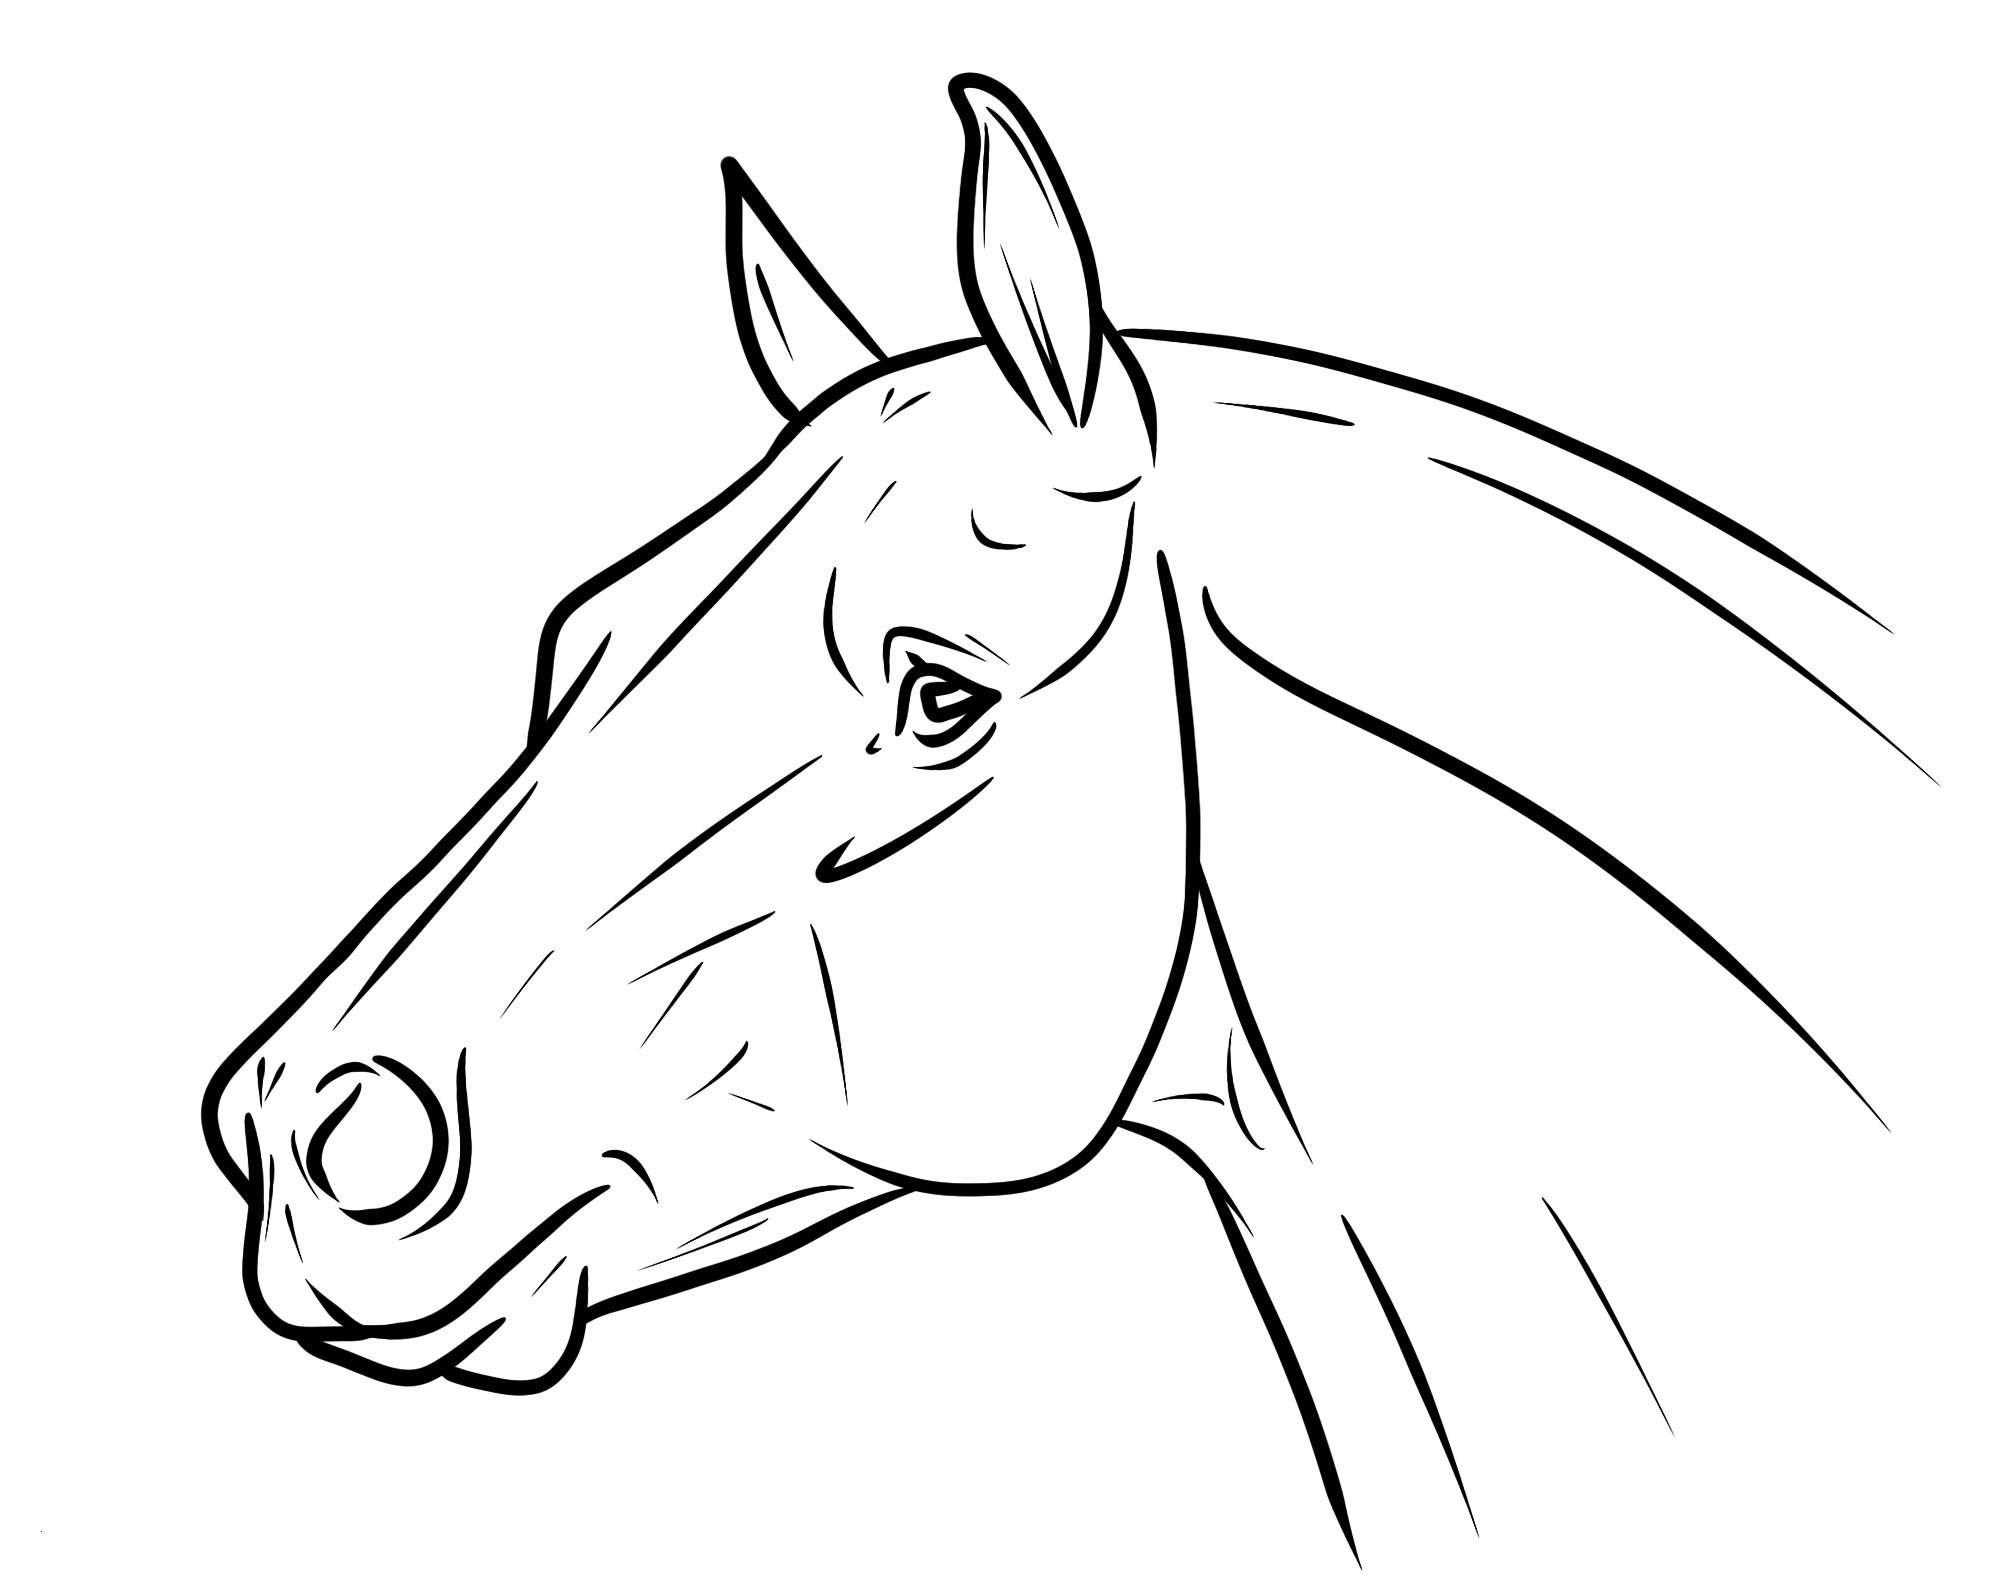 Pferde Ausmalbilder Zum Drucken Neu Ausmalbilder Bibi Und Tina Pferde Neu Malvorlagen Igel Elegant Igel Stock